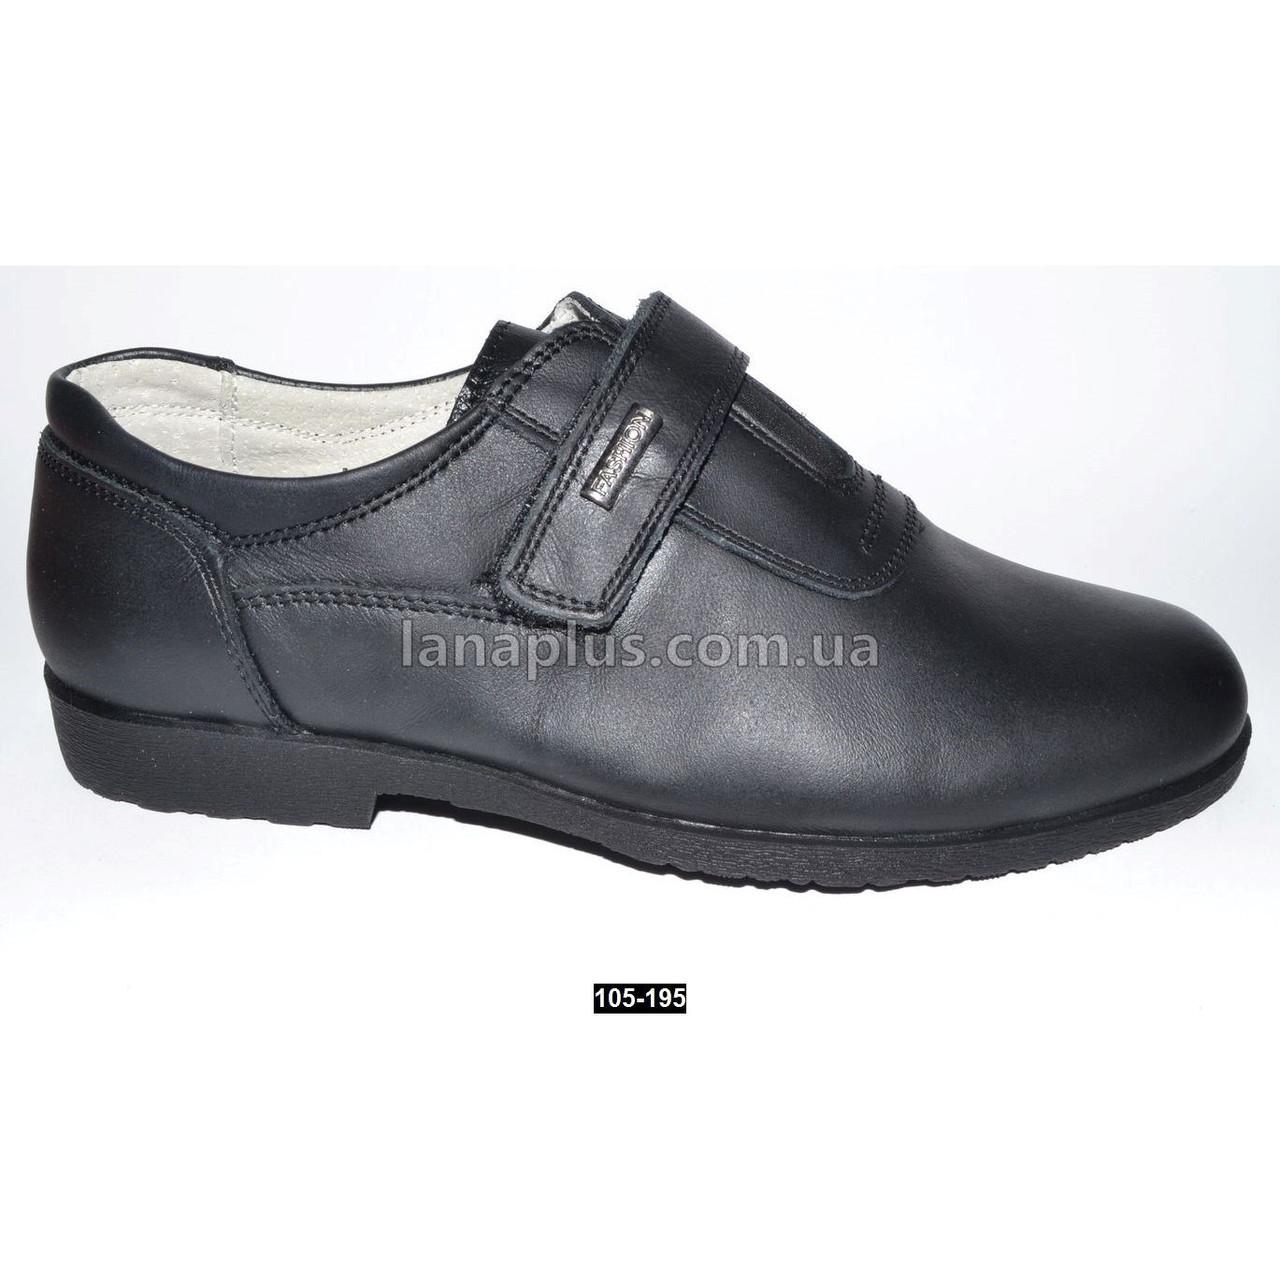 Школьные кожаные туфли для мальчика, 35 размер (22.5 см), кожаная стелька, супинатор